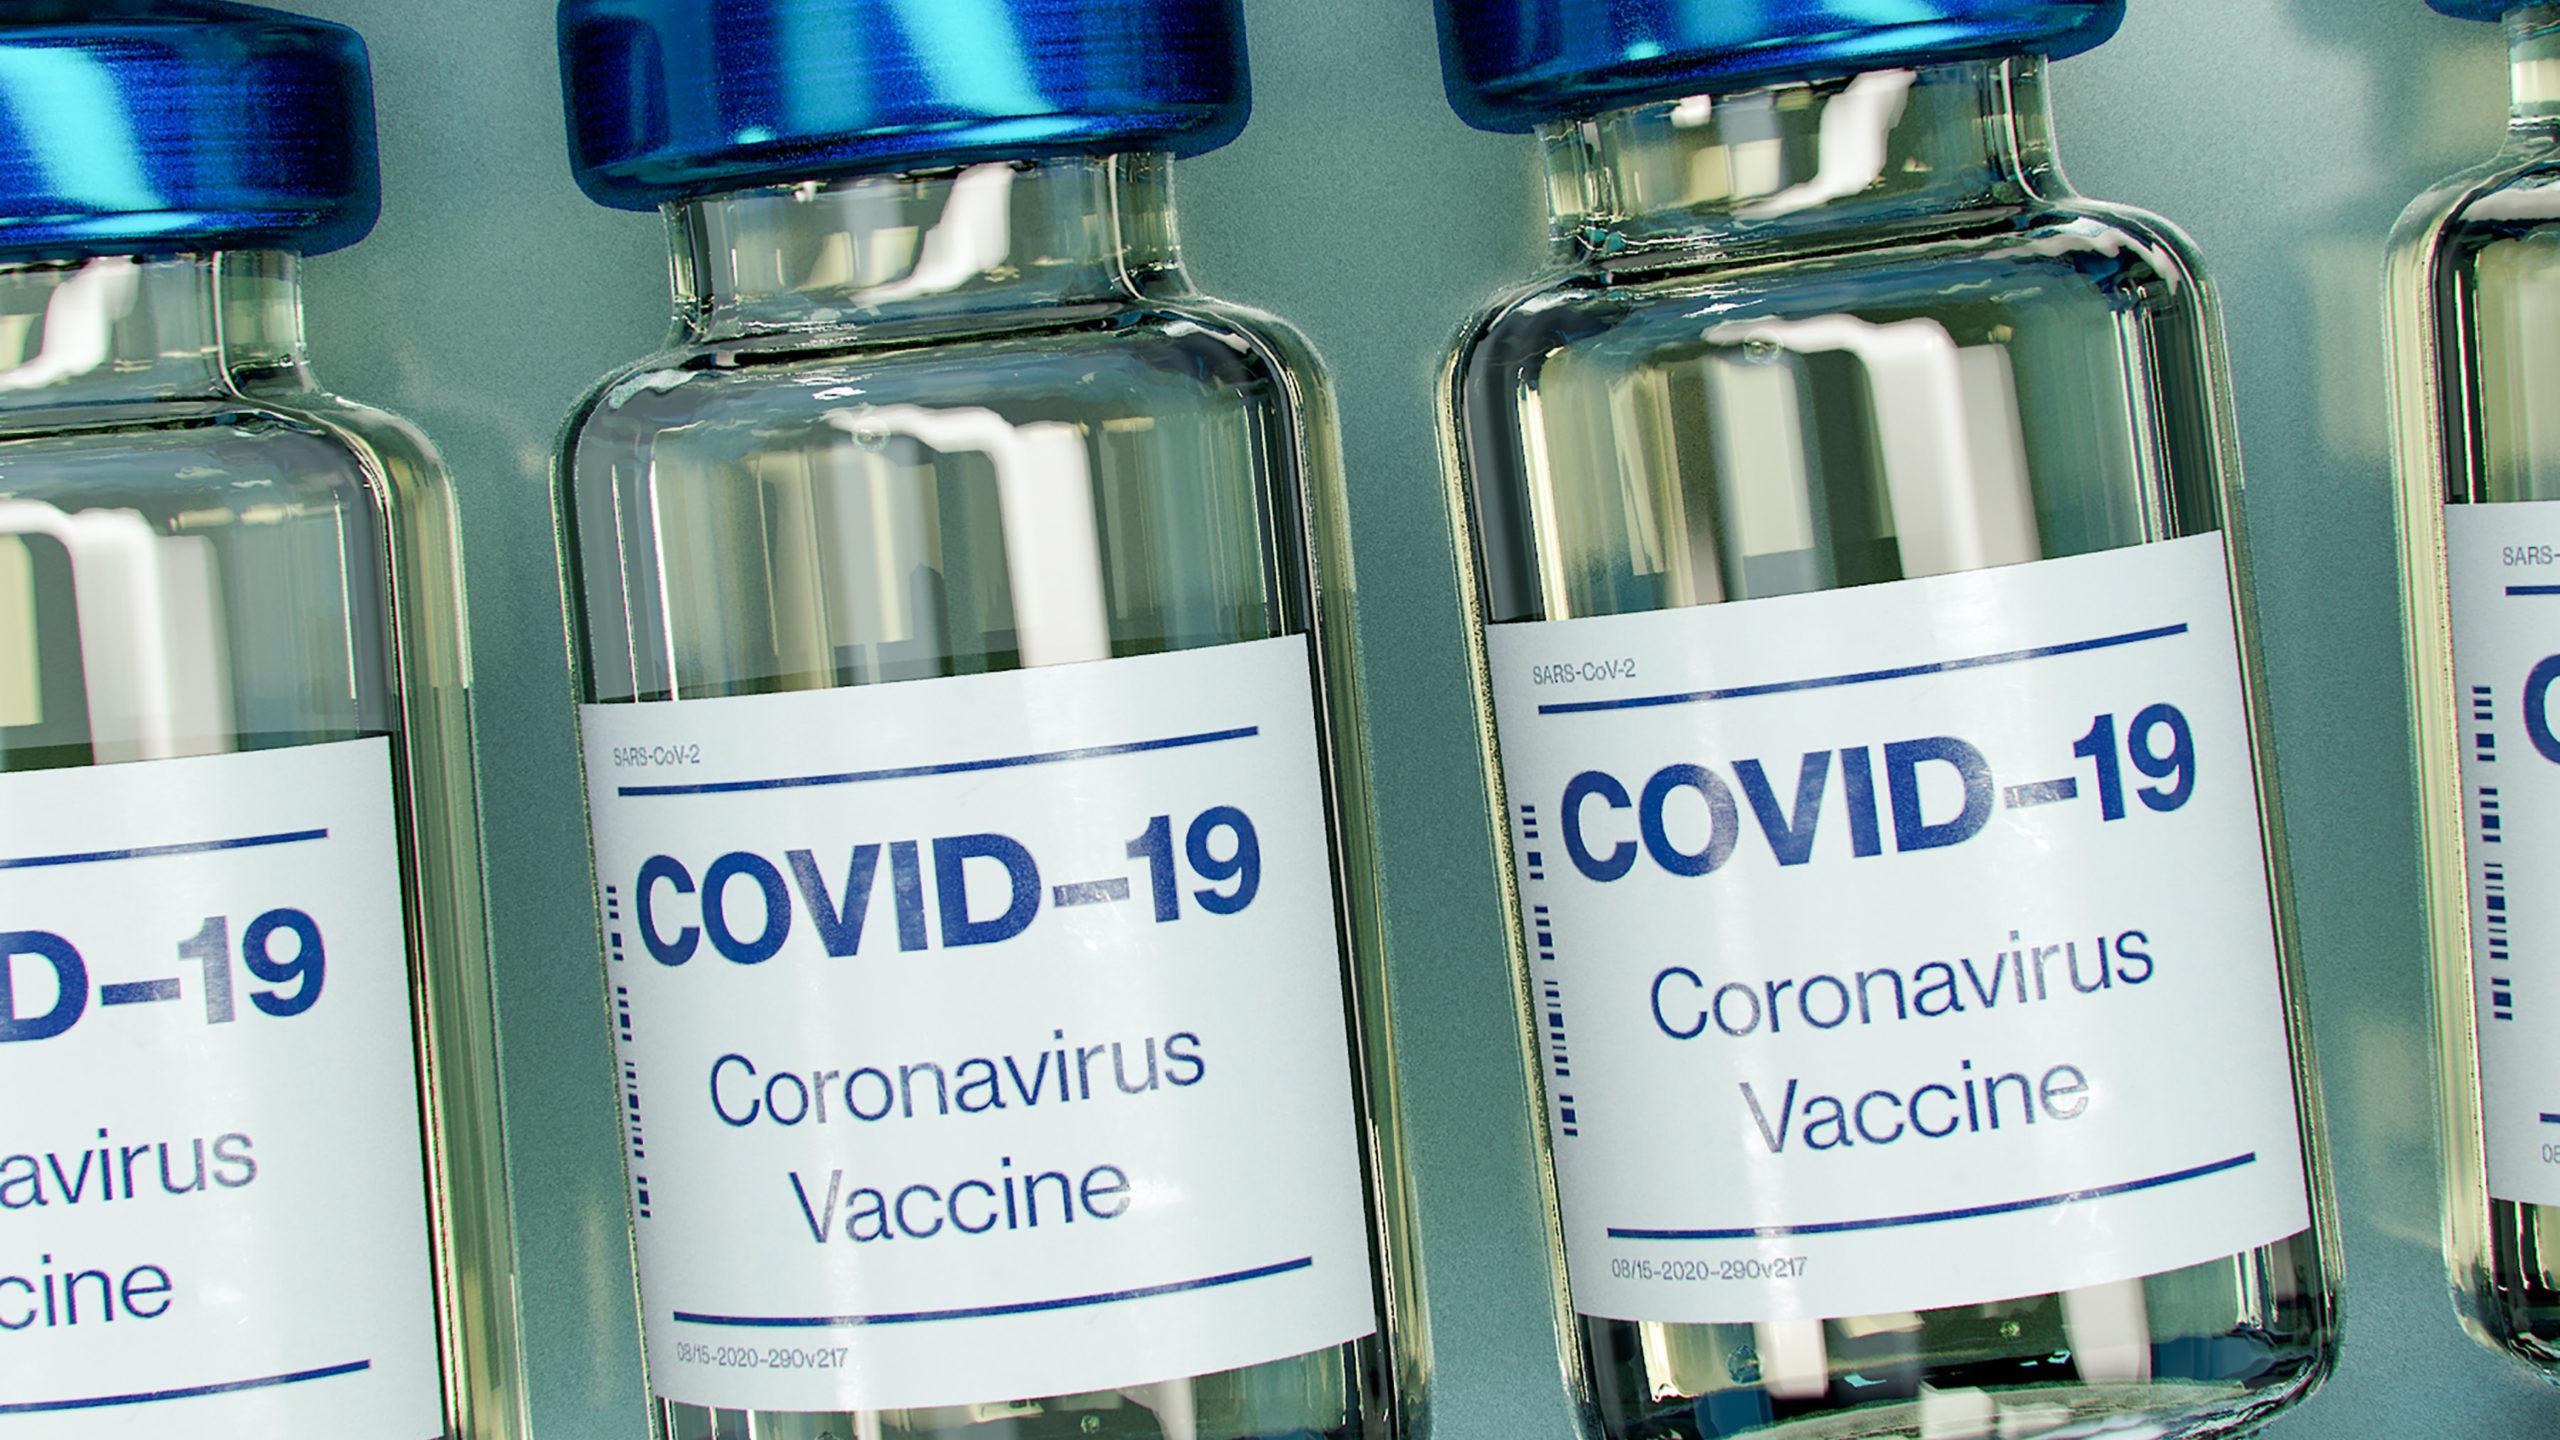 Vaccin covid : Lancer sans tarder une vaste campagne de promotion afin de lutter contre les intox